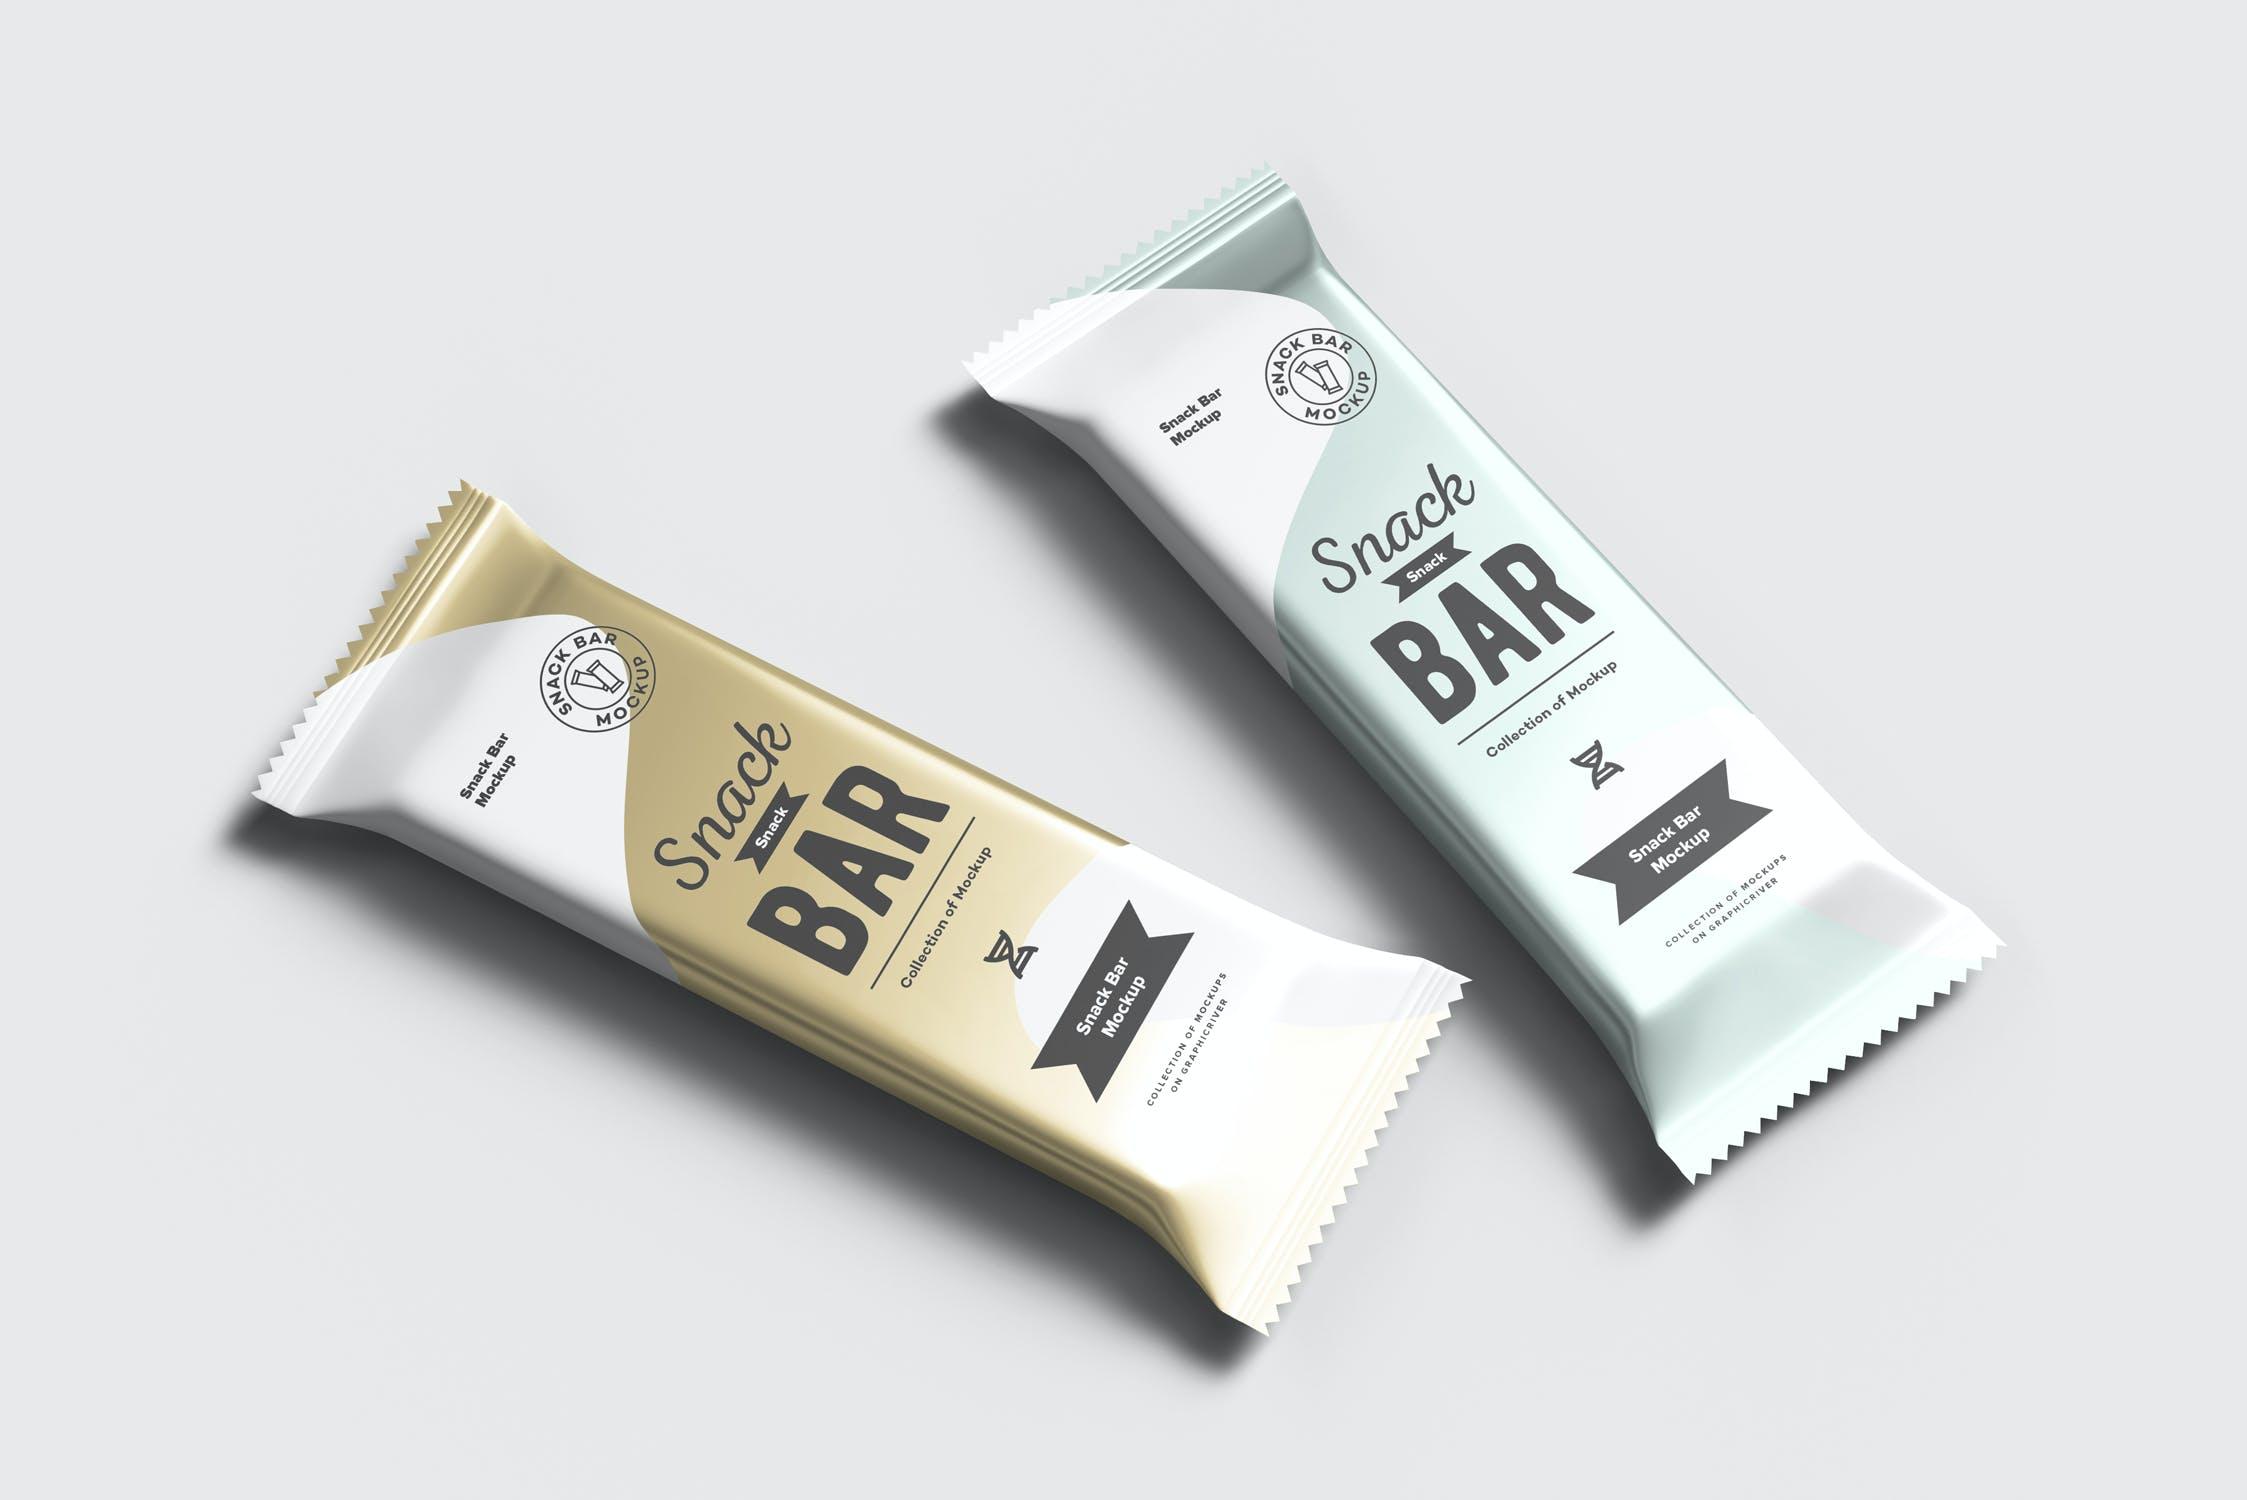 7款巧克力棒小零食塑料袋设计展示样机 Snack Bar Mockup插图(9)